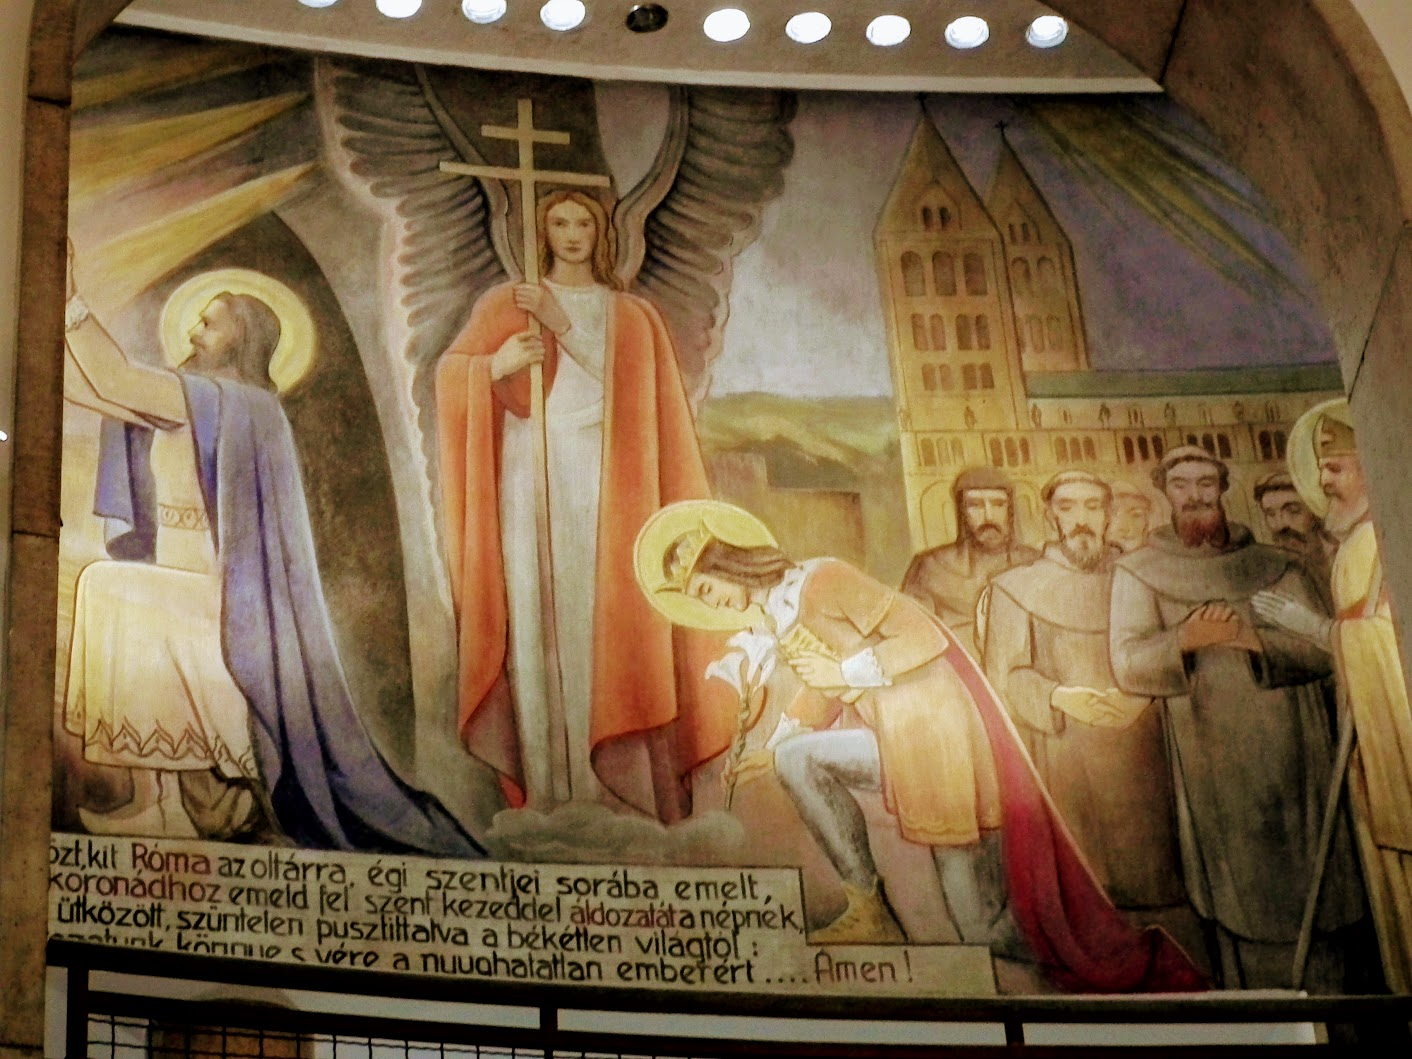 Pécs - Gázi Kászim pasa egykori dzsámija (Belvárosi Gyertyaszentelő Boldogasszony rk. templom)